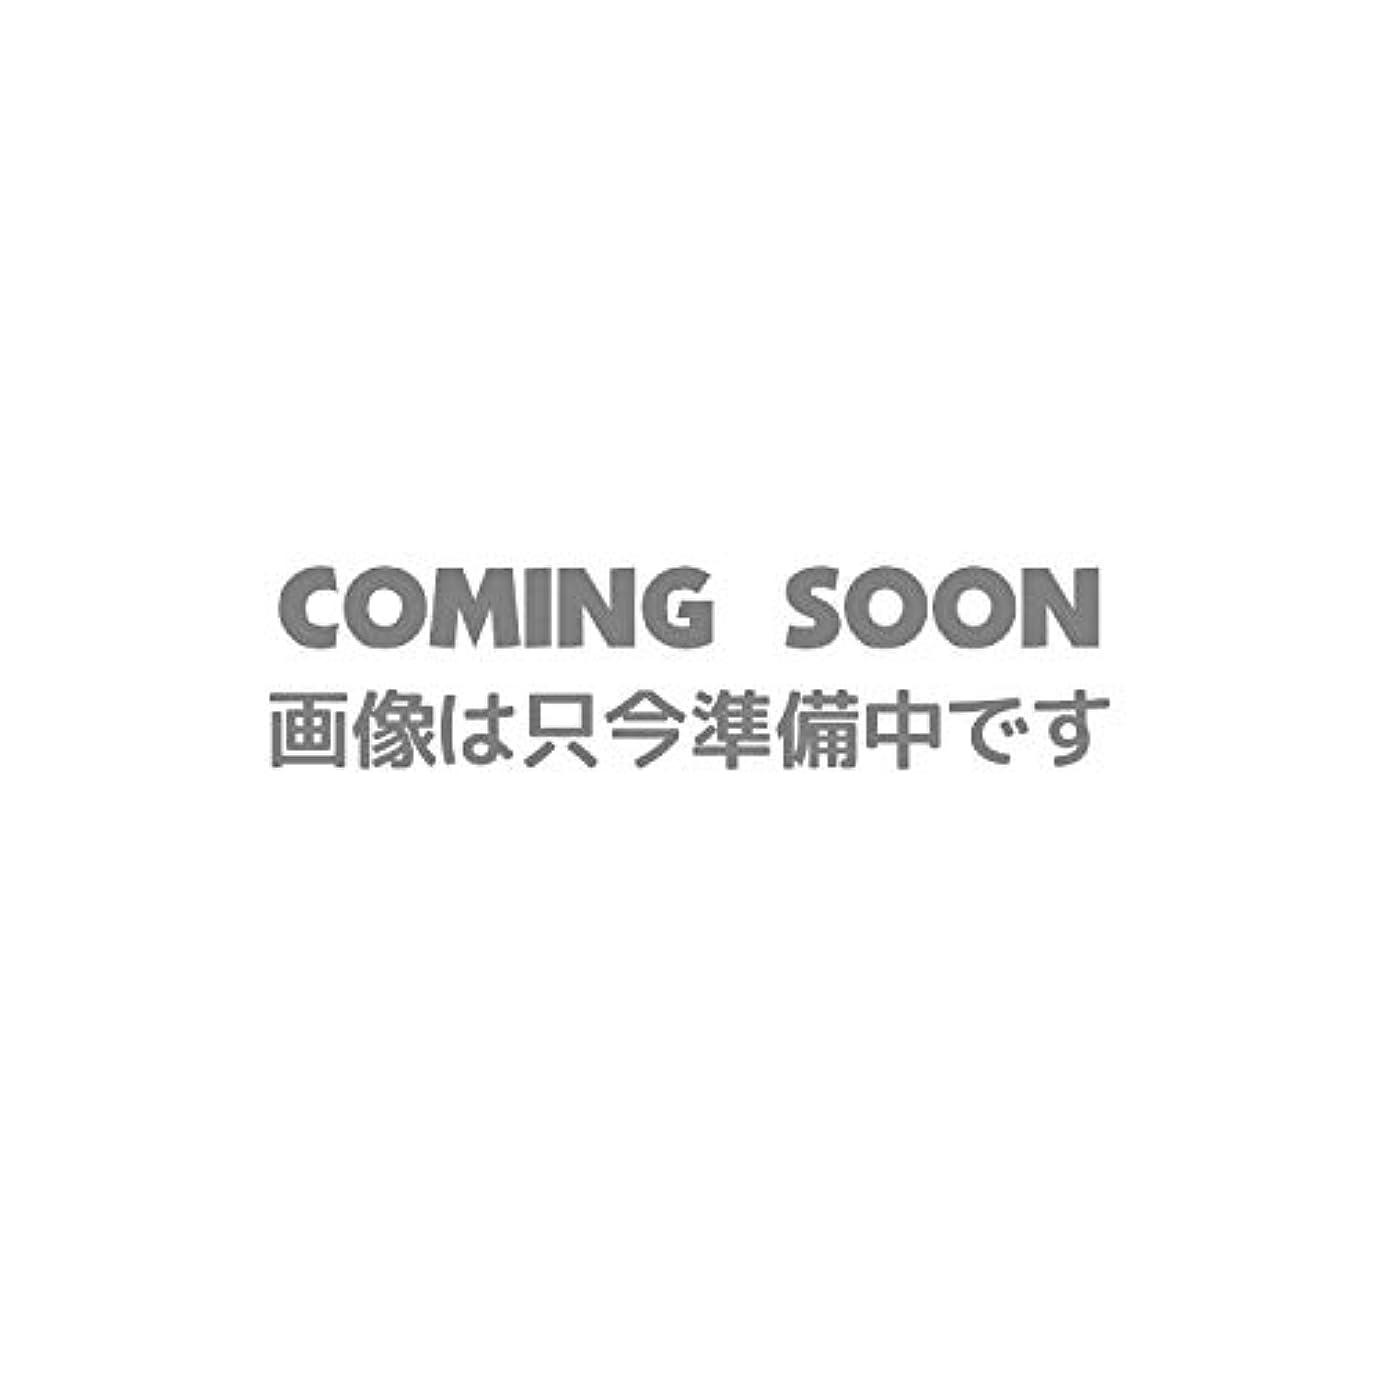 無限大最終ラッシュA-BLEND ヨッシースタンプ ハンドクリーム からふるぽっぷ [280973]